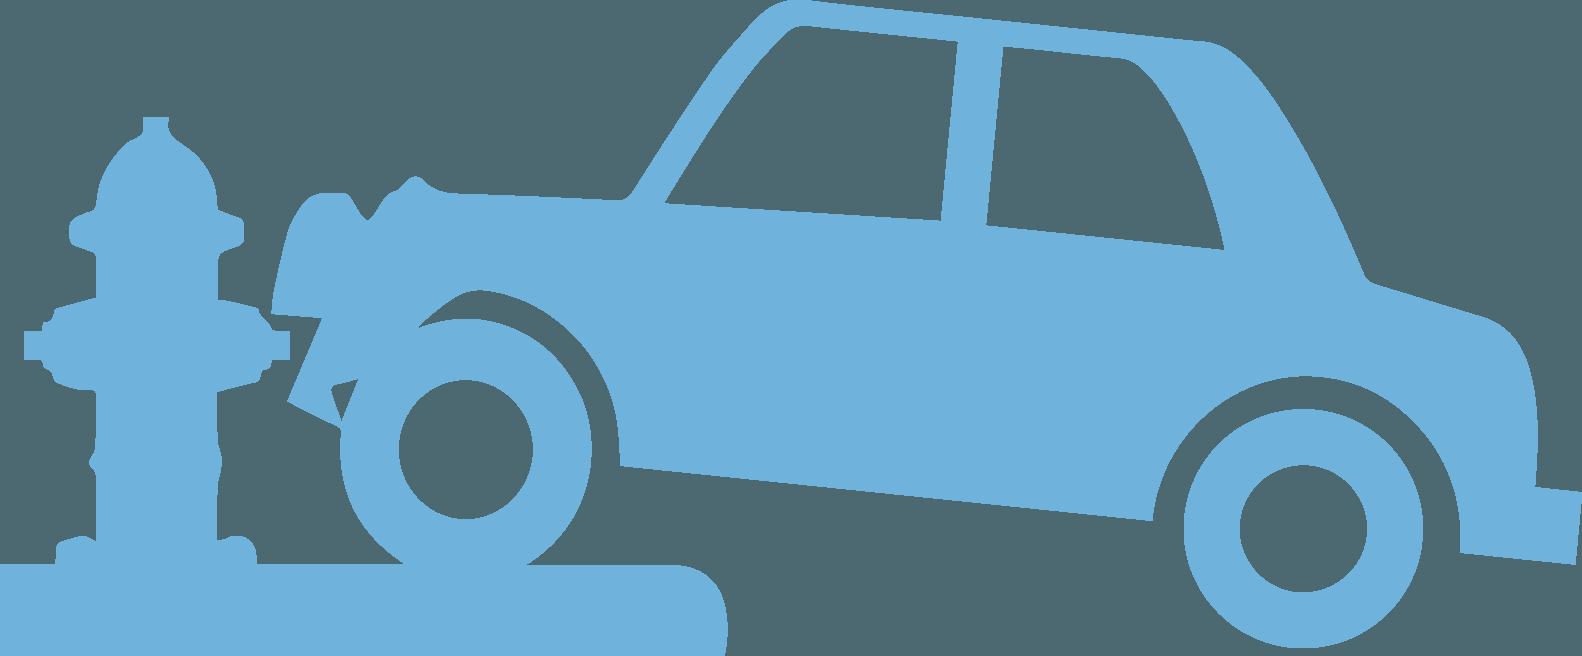 Tweedehands Auto Kopen De Ultieme Handleiding